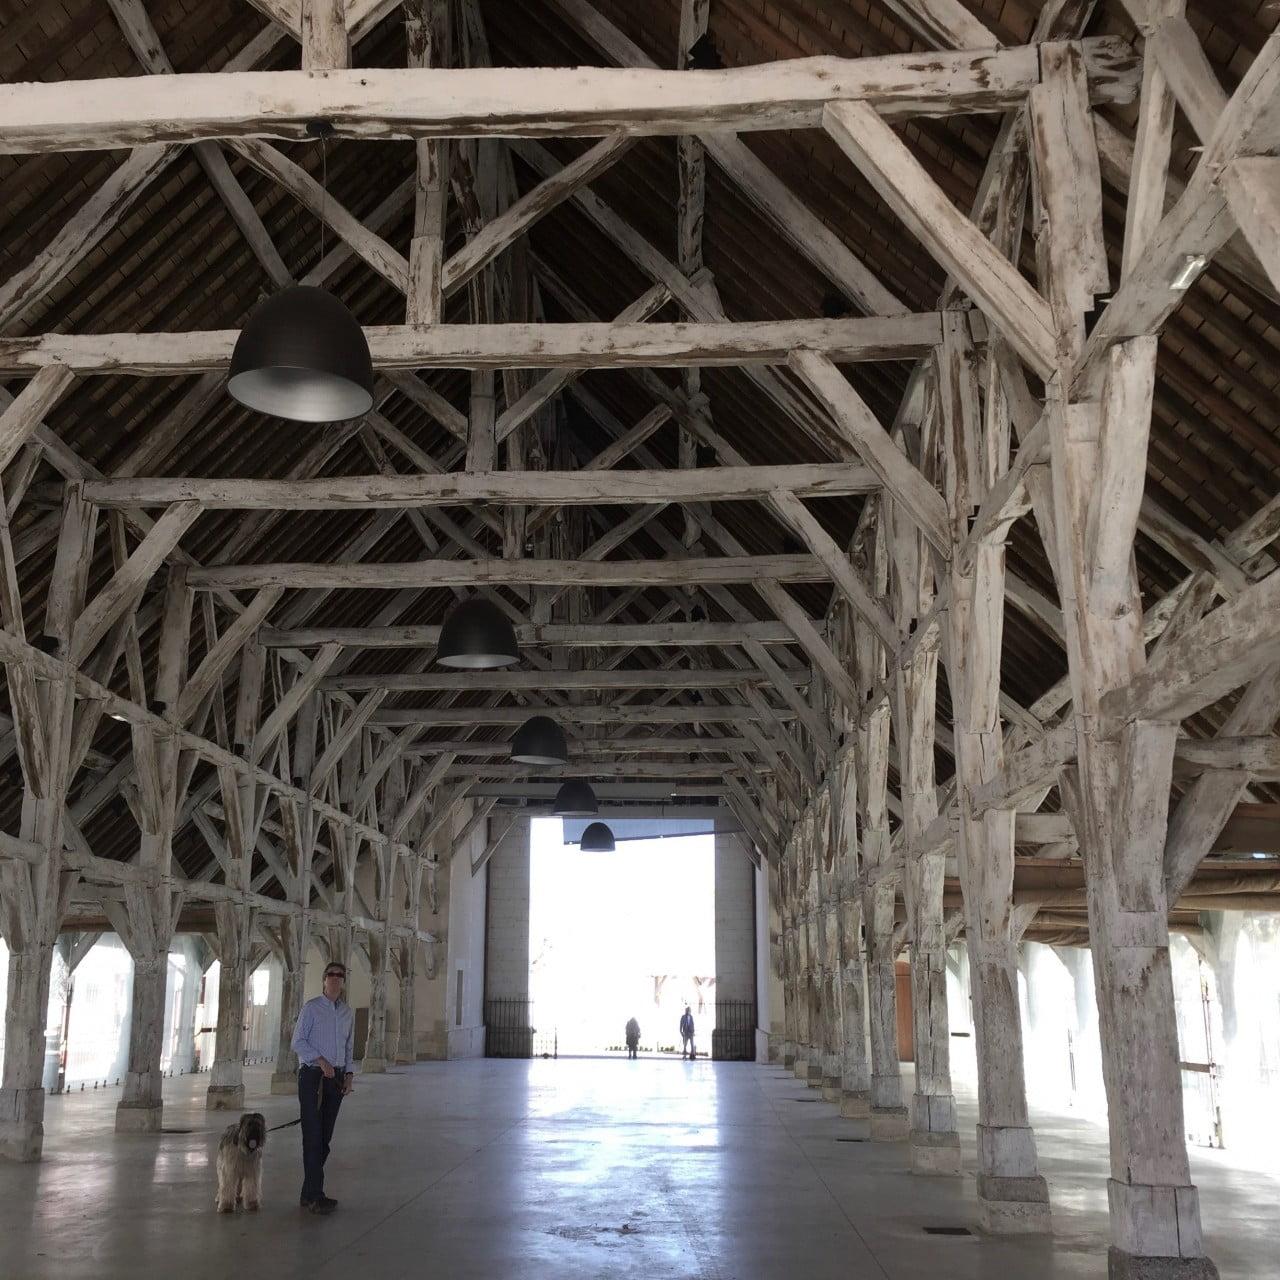 Beautiful market building in the Loire Valley taken last summer